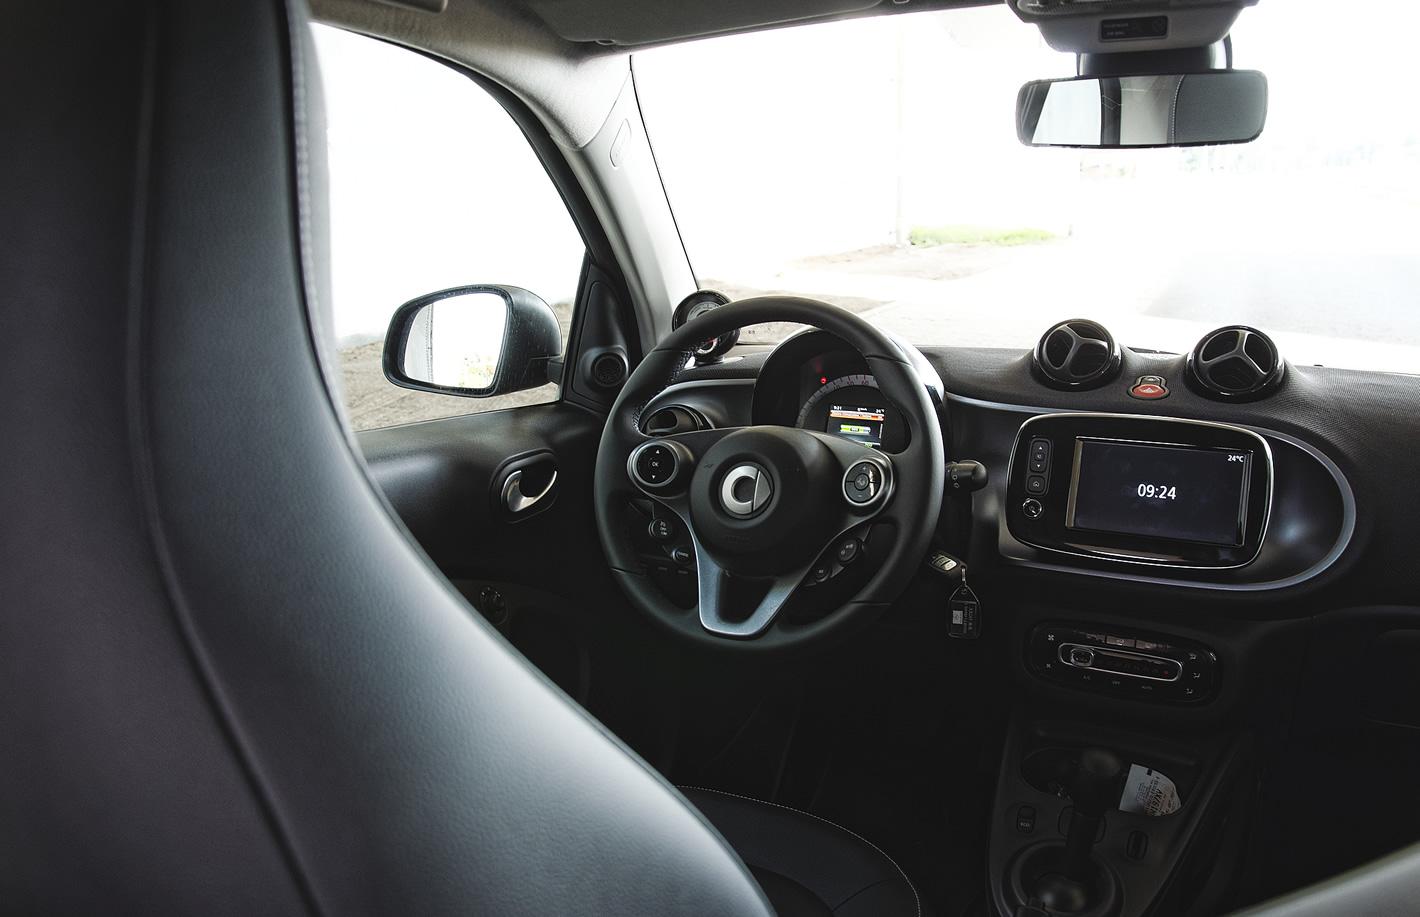 smart fortwo electric drive w środku - kierownica